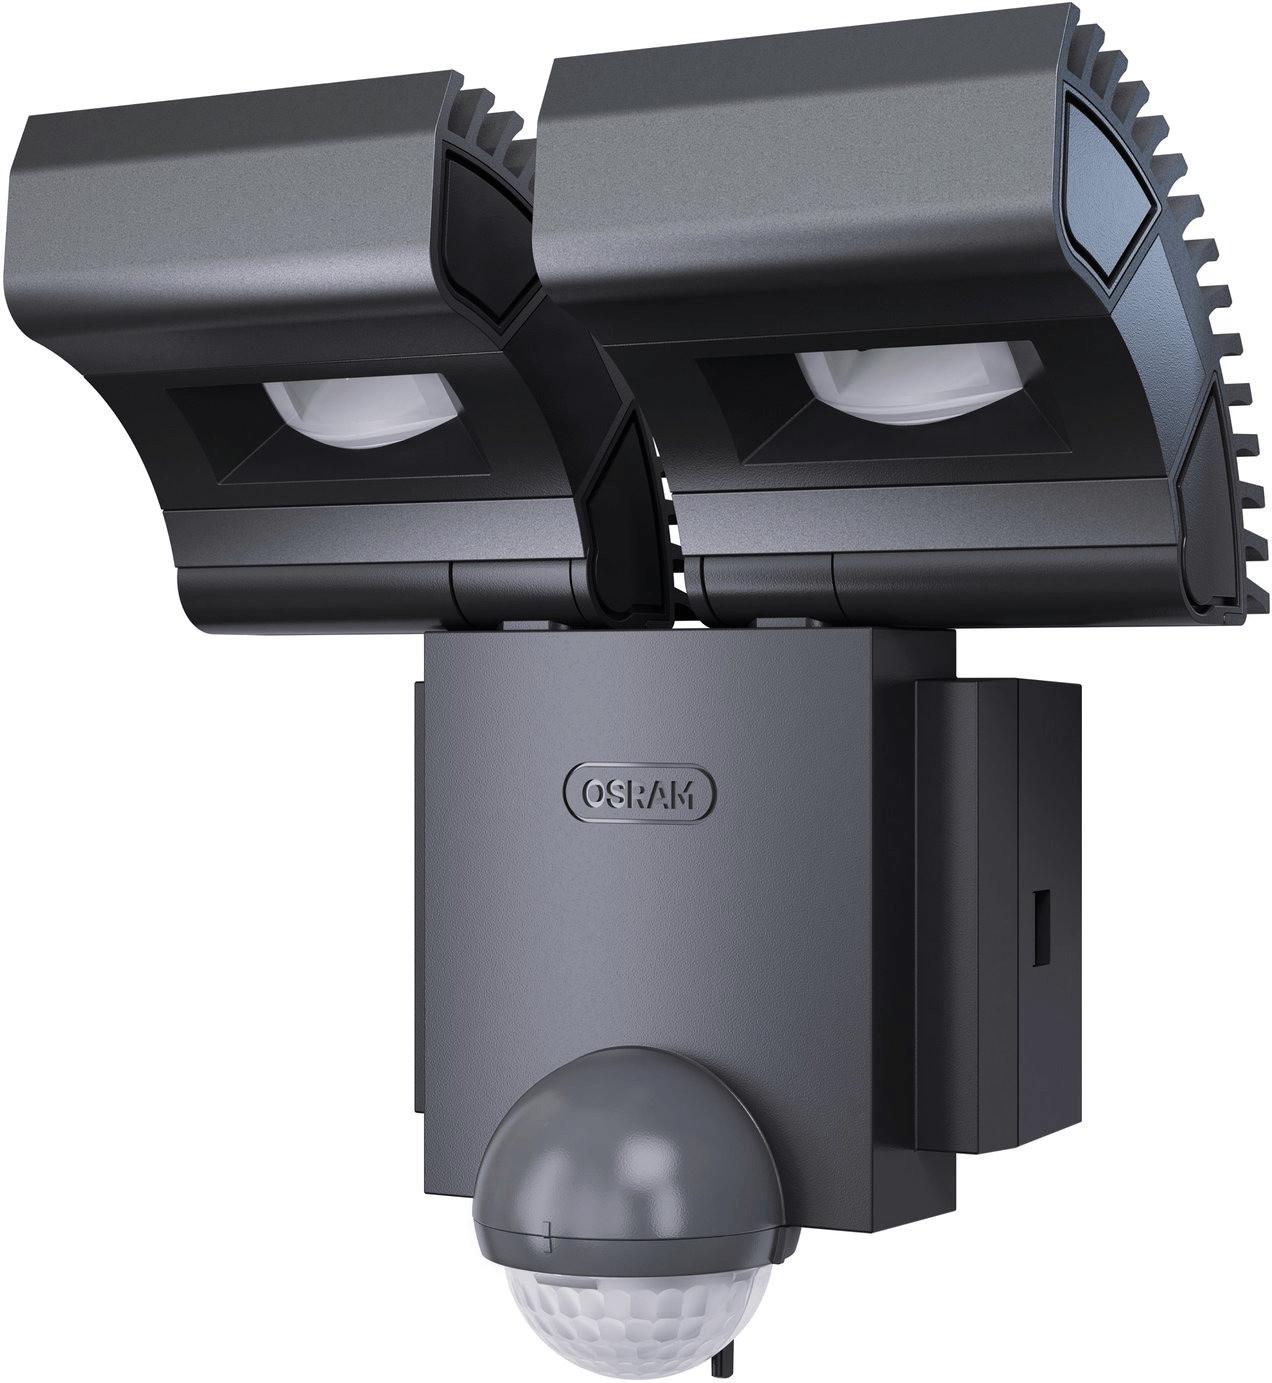 Osram Noxlite LED Spot (73135)